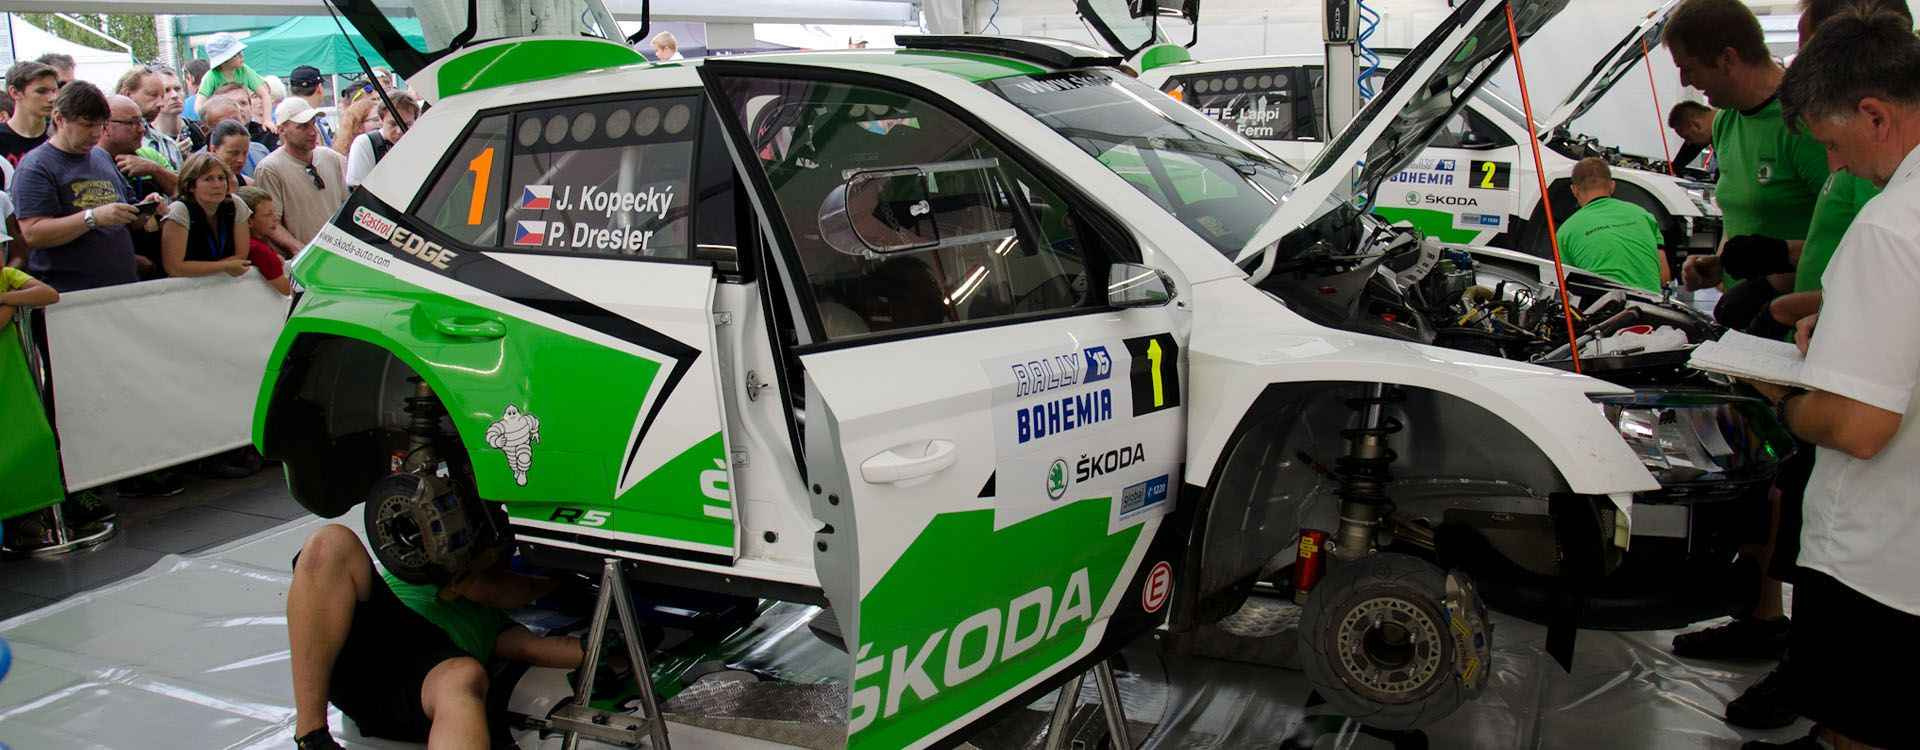 Jak se staví Cirkus ŠKODA Motorsport?